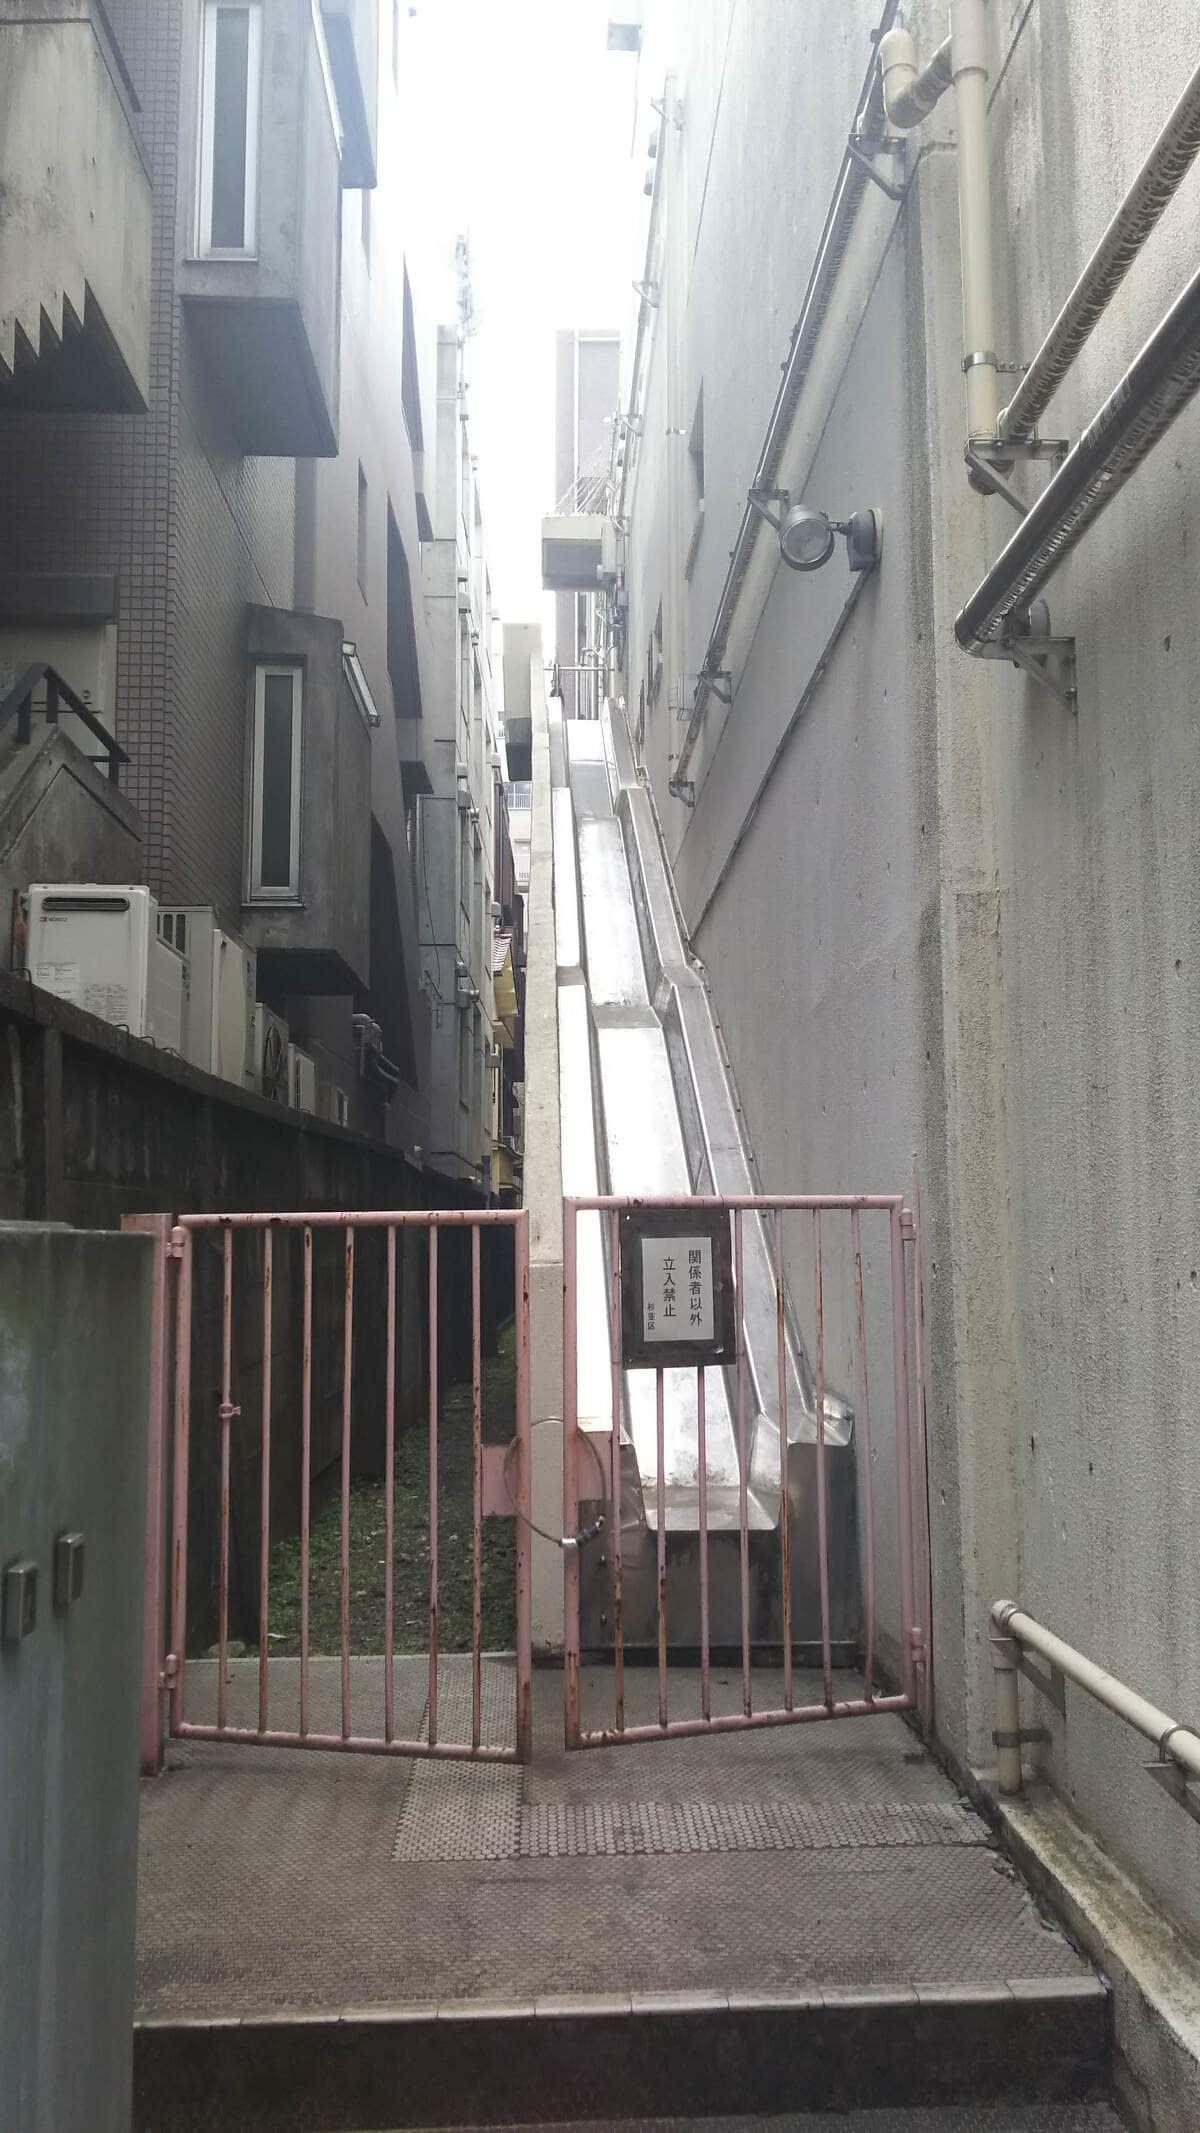 o36tcm2 - 16 фотографий из Японии, которые только подтверждают, что эта страна — впереди планеты всей